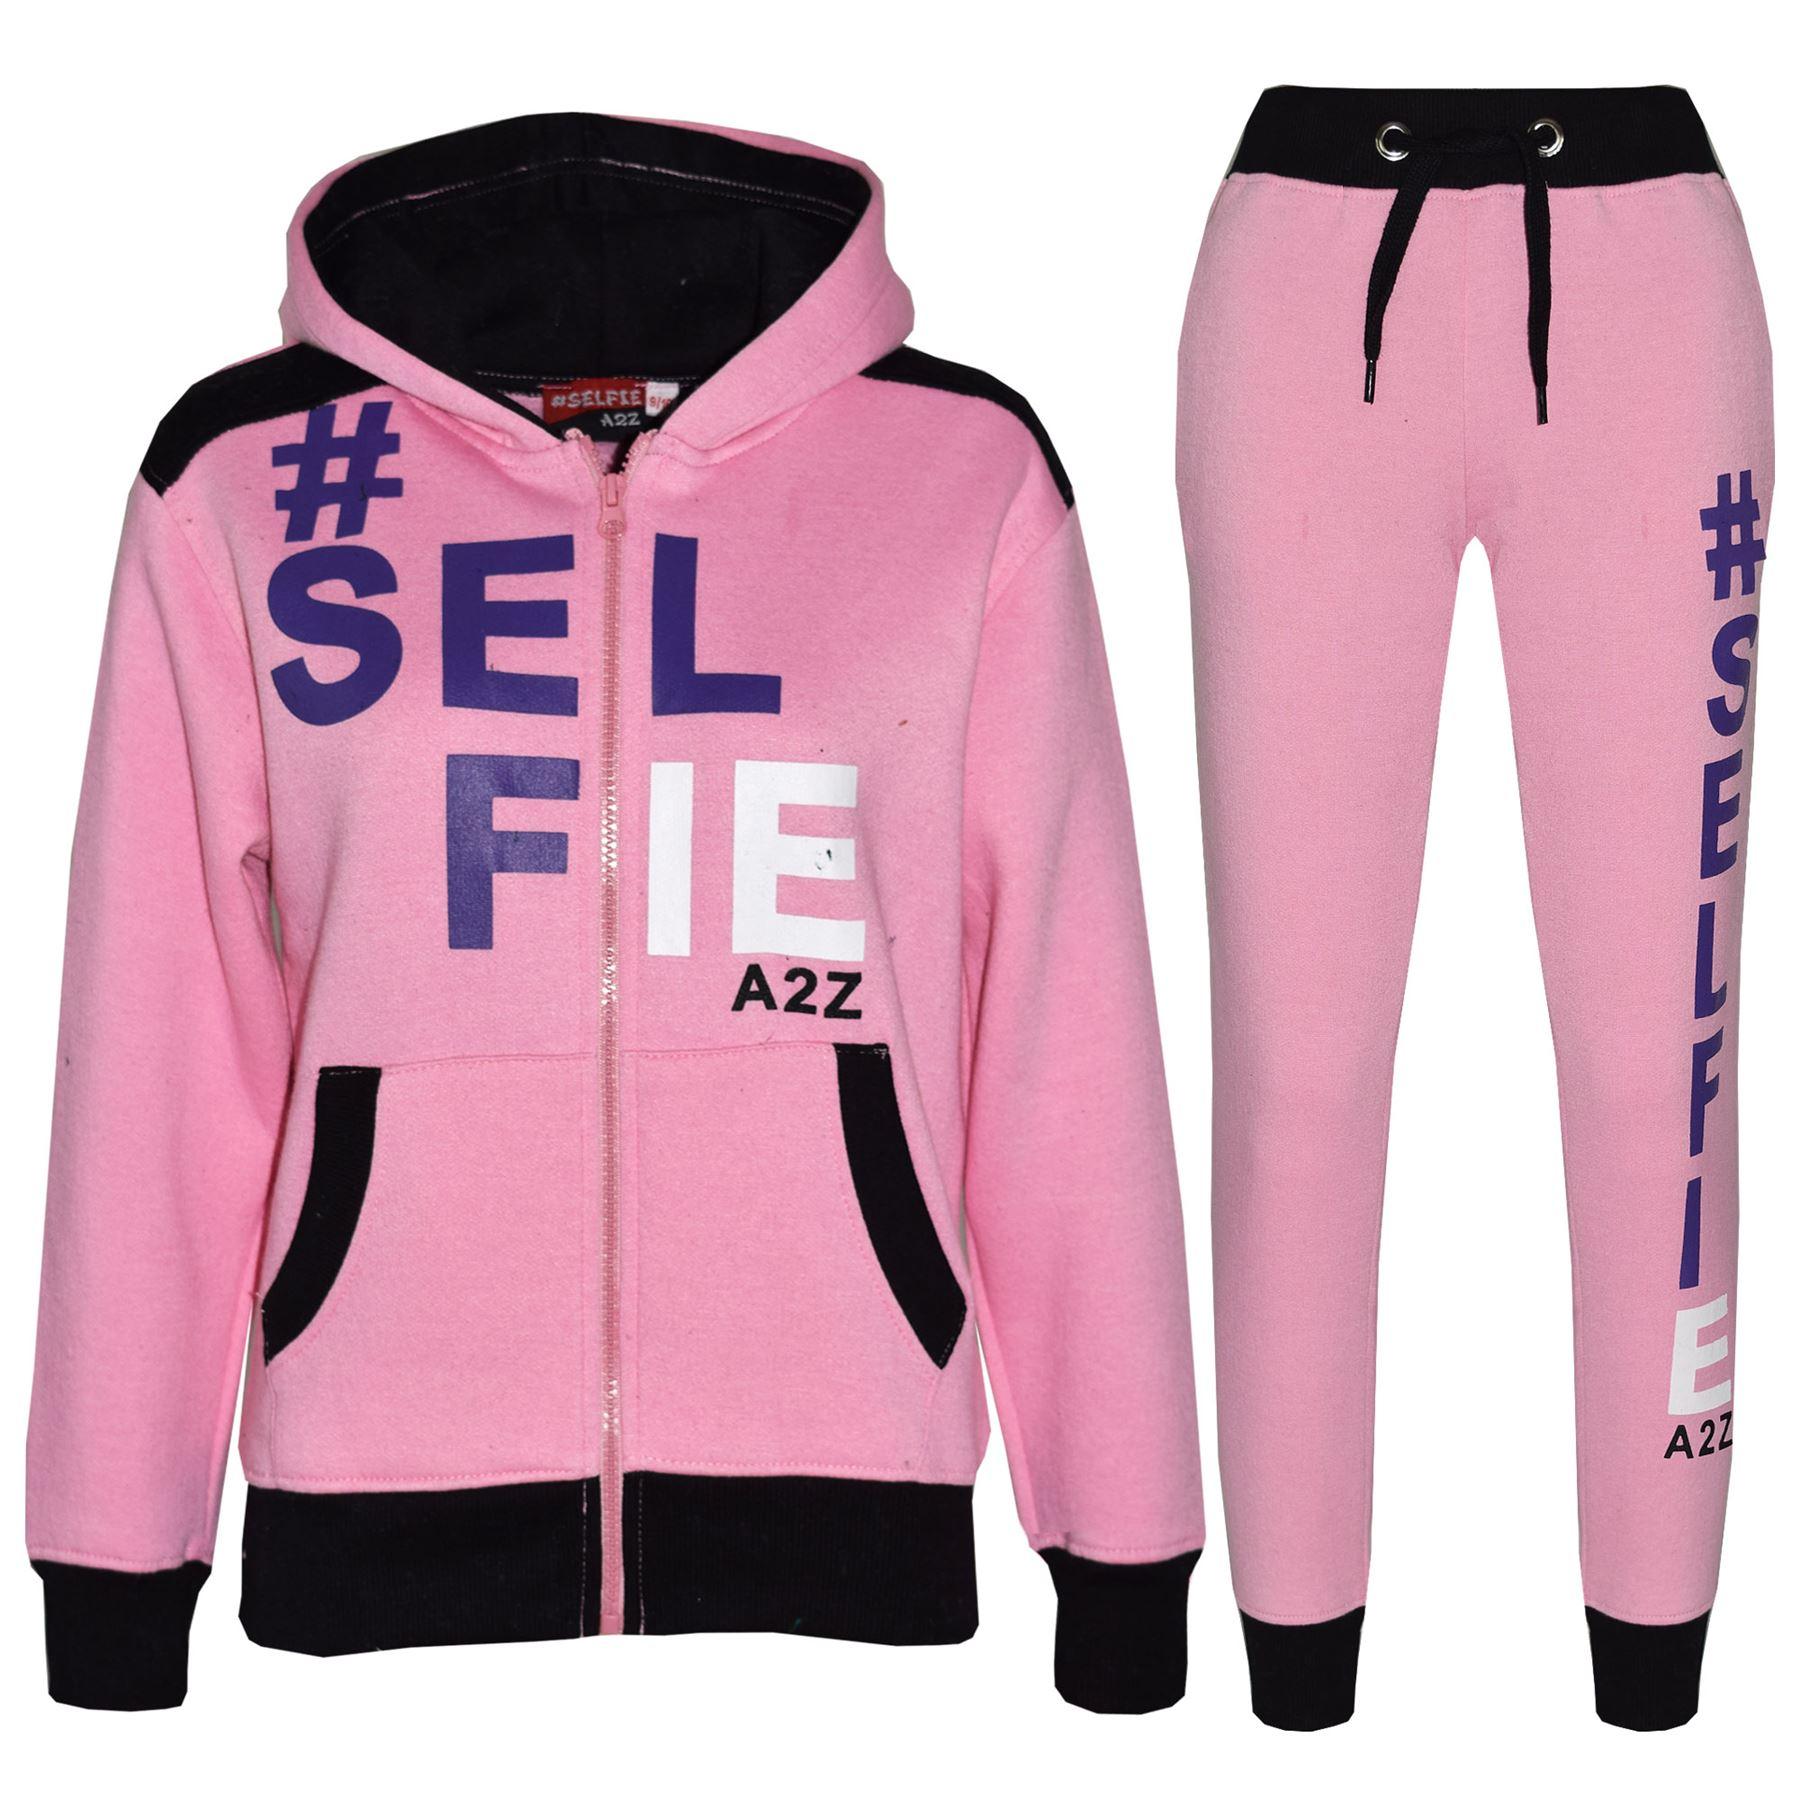 Kids Tracksuit Girls Designer's #Selfie Jogging Suit Hoodie Top Bottom 7-13 Year